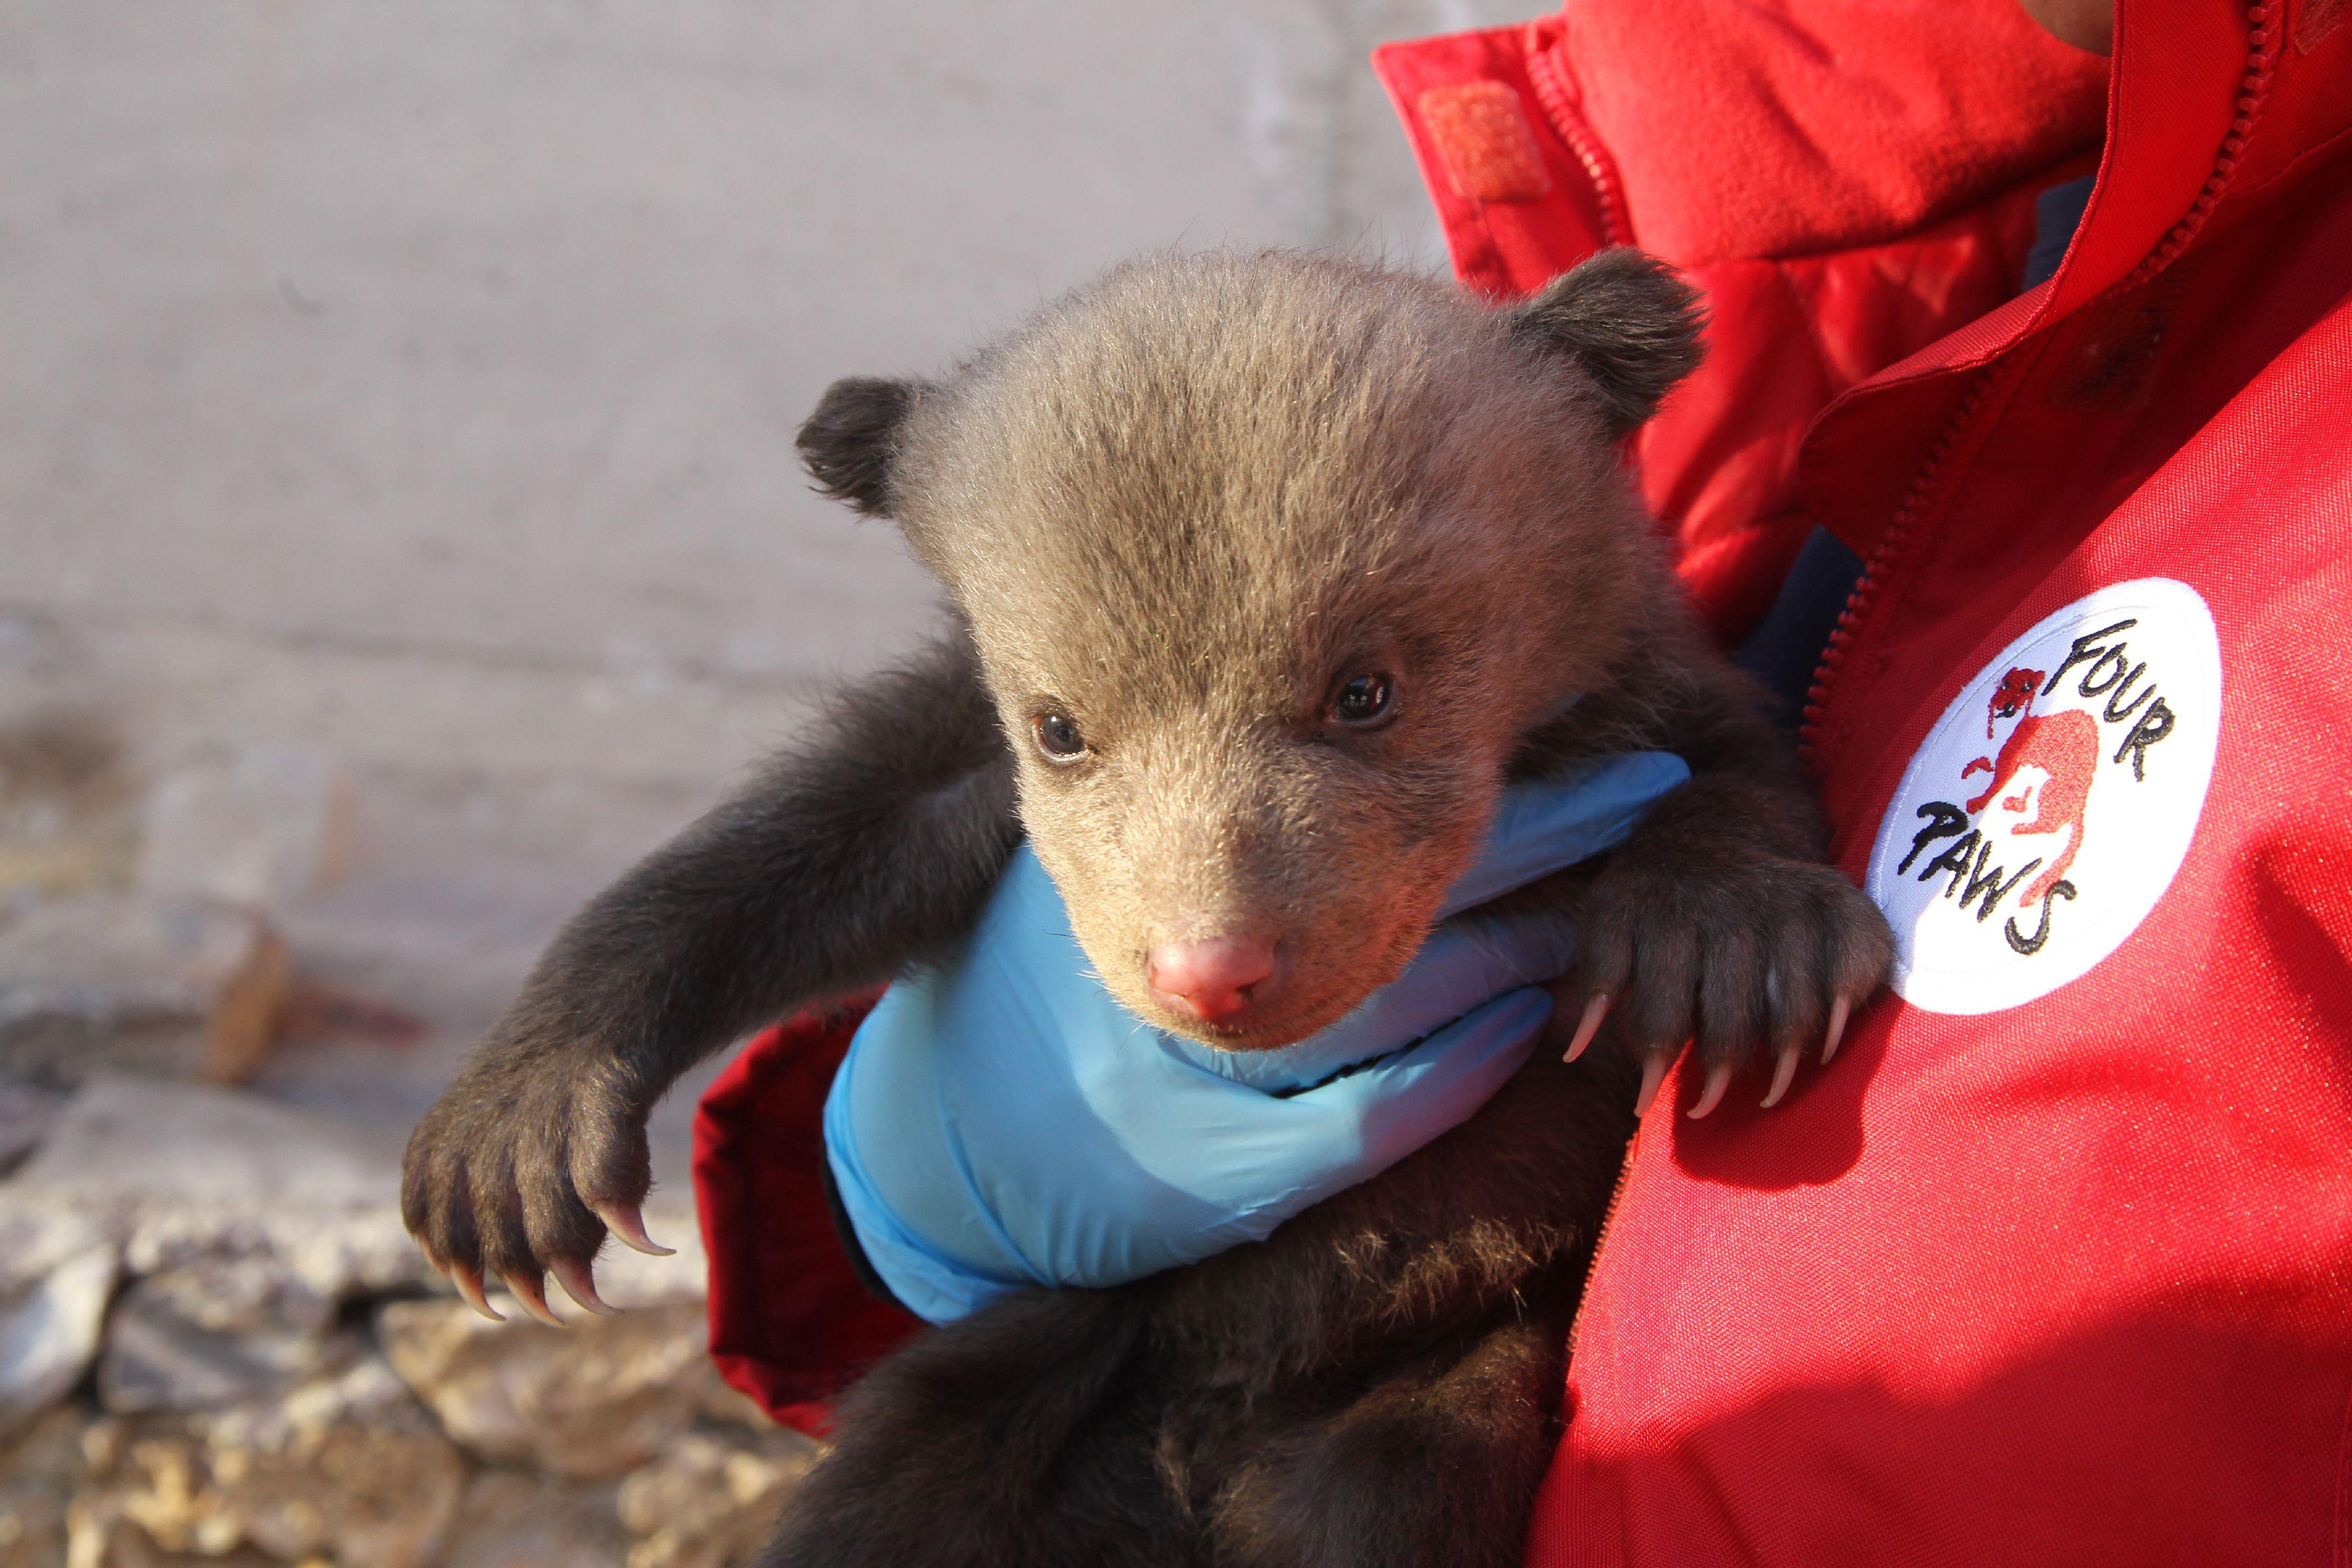 Bärenjunge oder doch ein Teddybär? (c) VIER PFOTEN | Hazir Reka